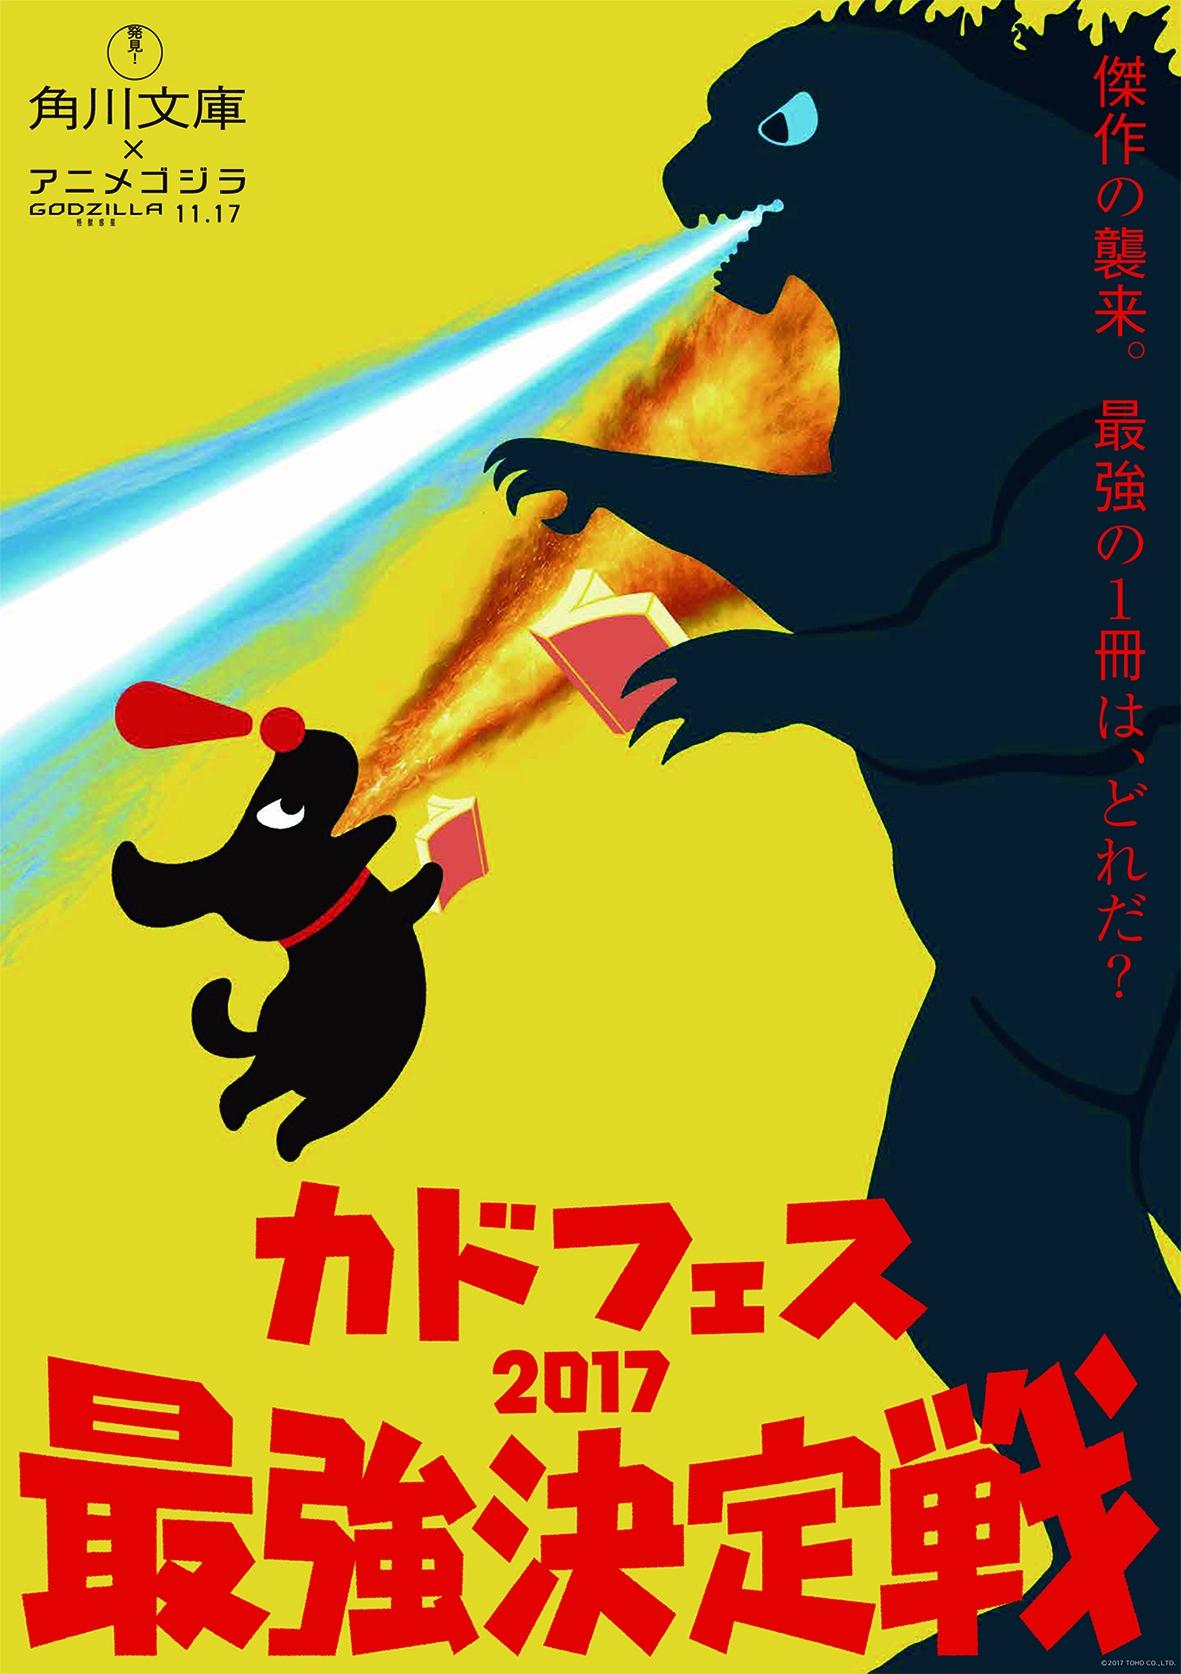 「角川文庫」×映画『GODZILLA 怪獣惑星』スペシャルコラボ!!